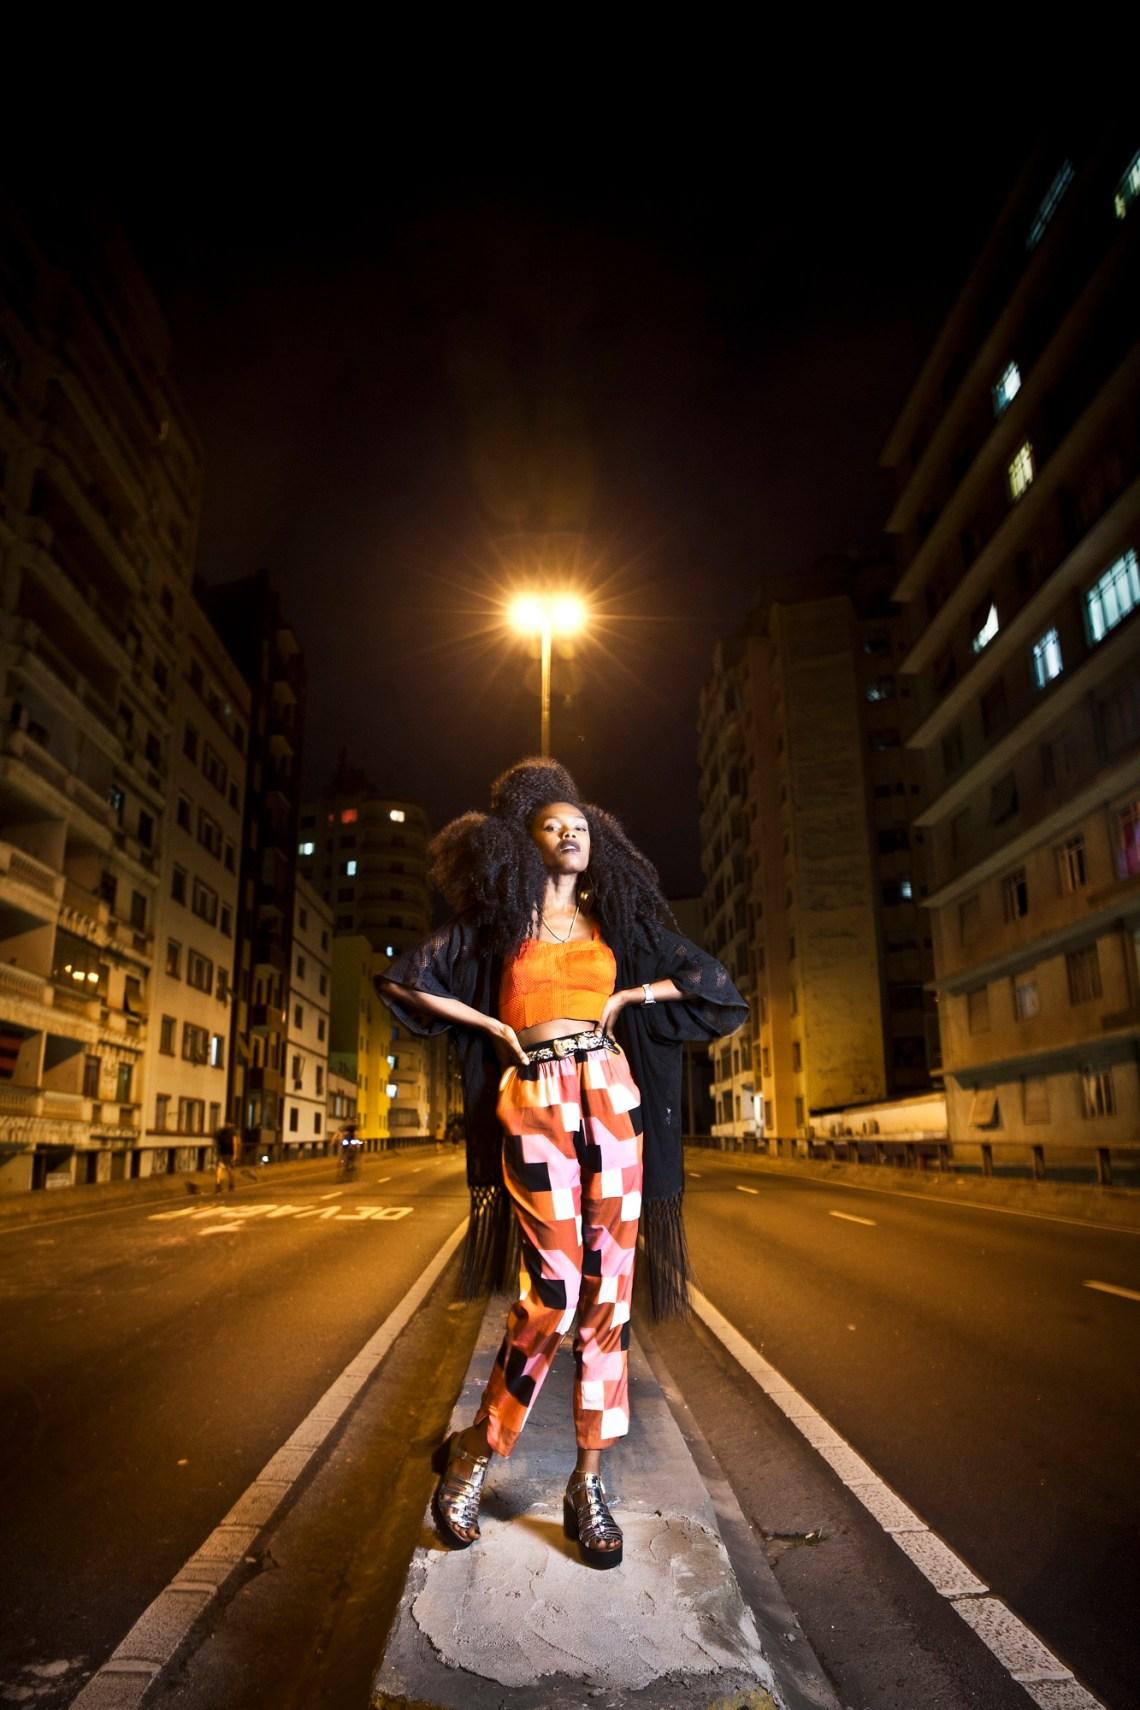 SÃO PAULO, SP, BRASIL, 10-10-2015, 19h: Retrato da cantora Xênia França. (Foto: Lucas Lima/riscafaca).